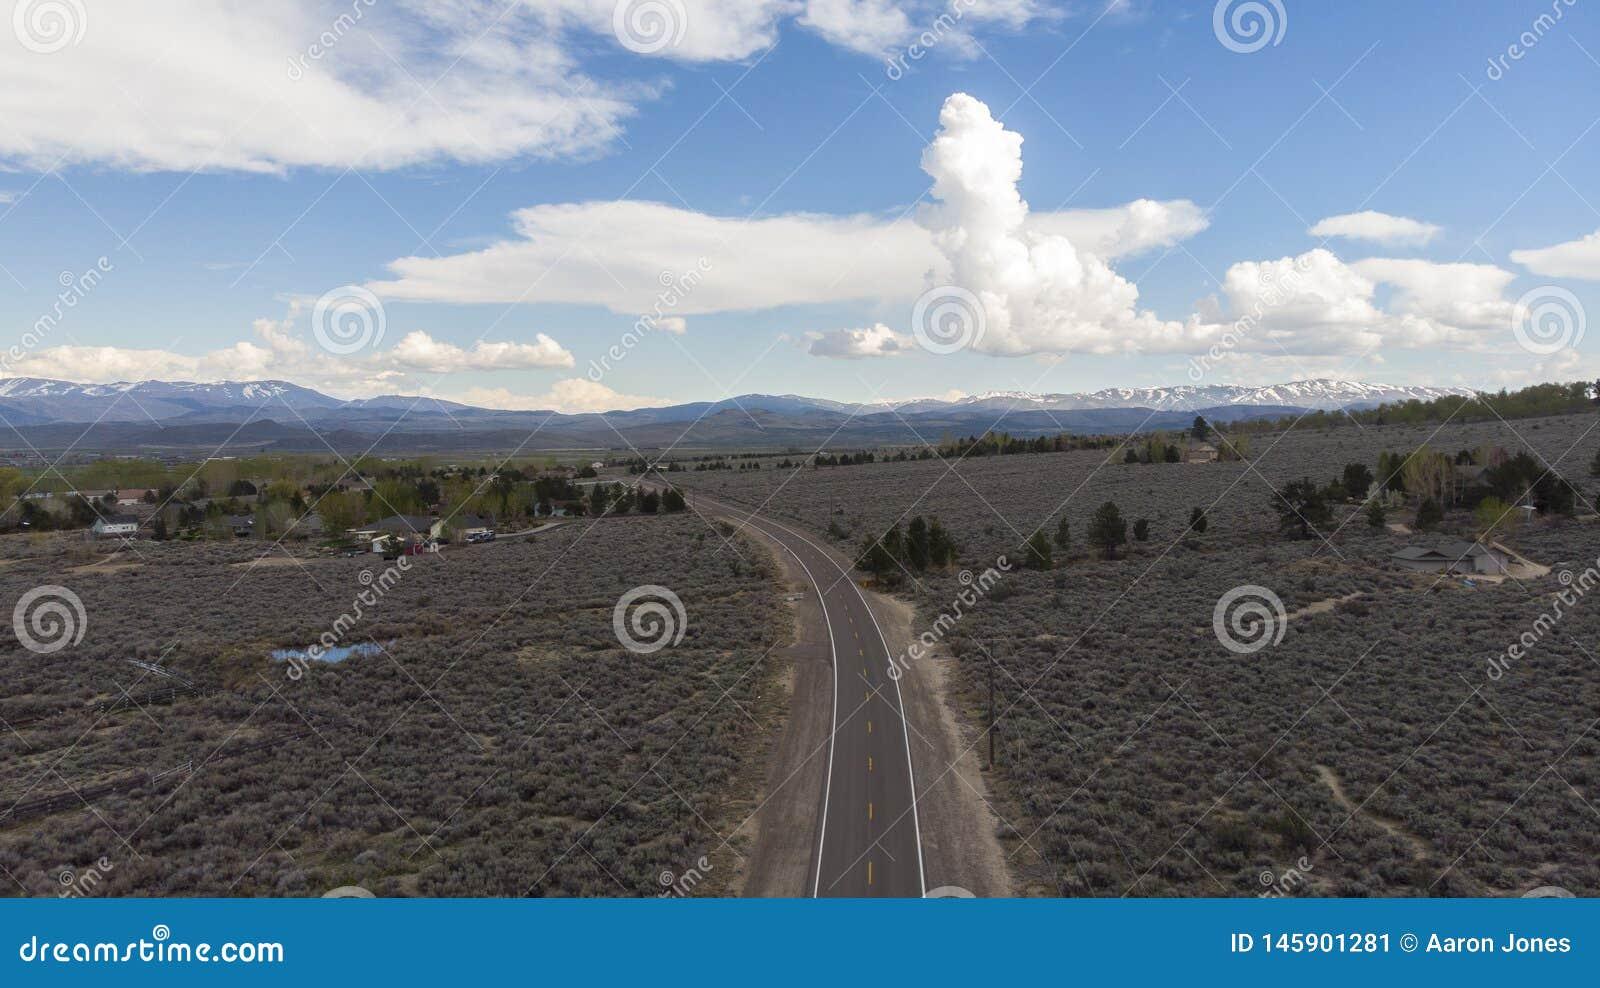 Υψηλή έρημος πριν από μια καταιγίδα